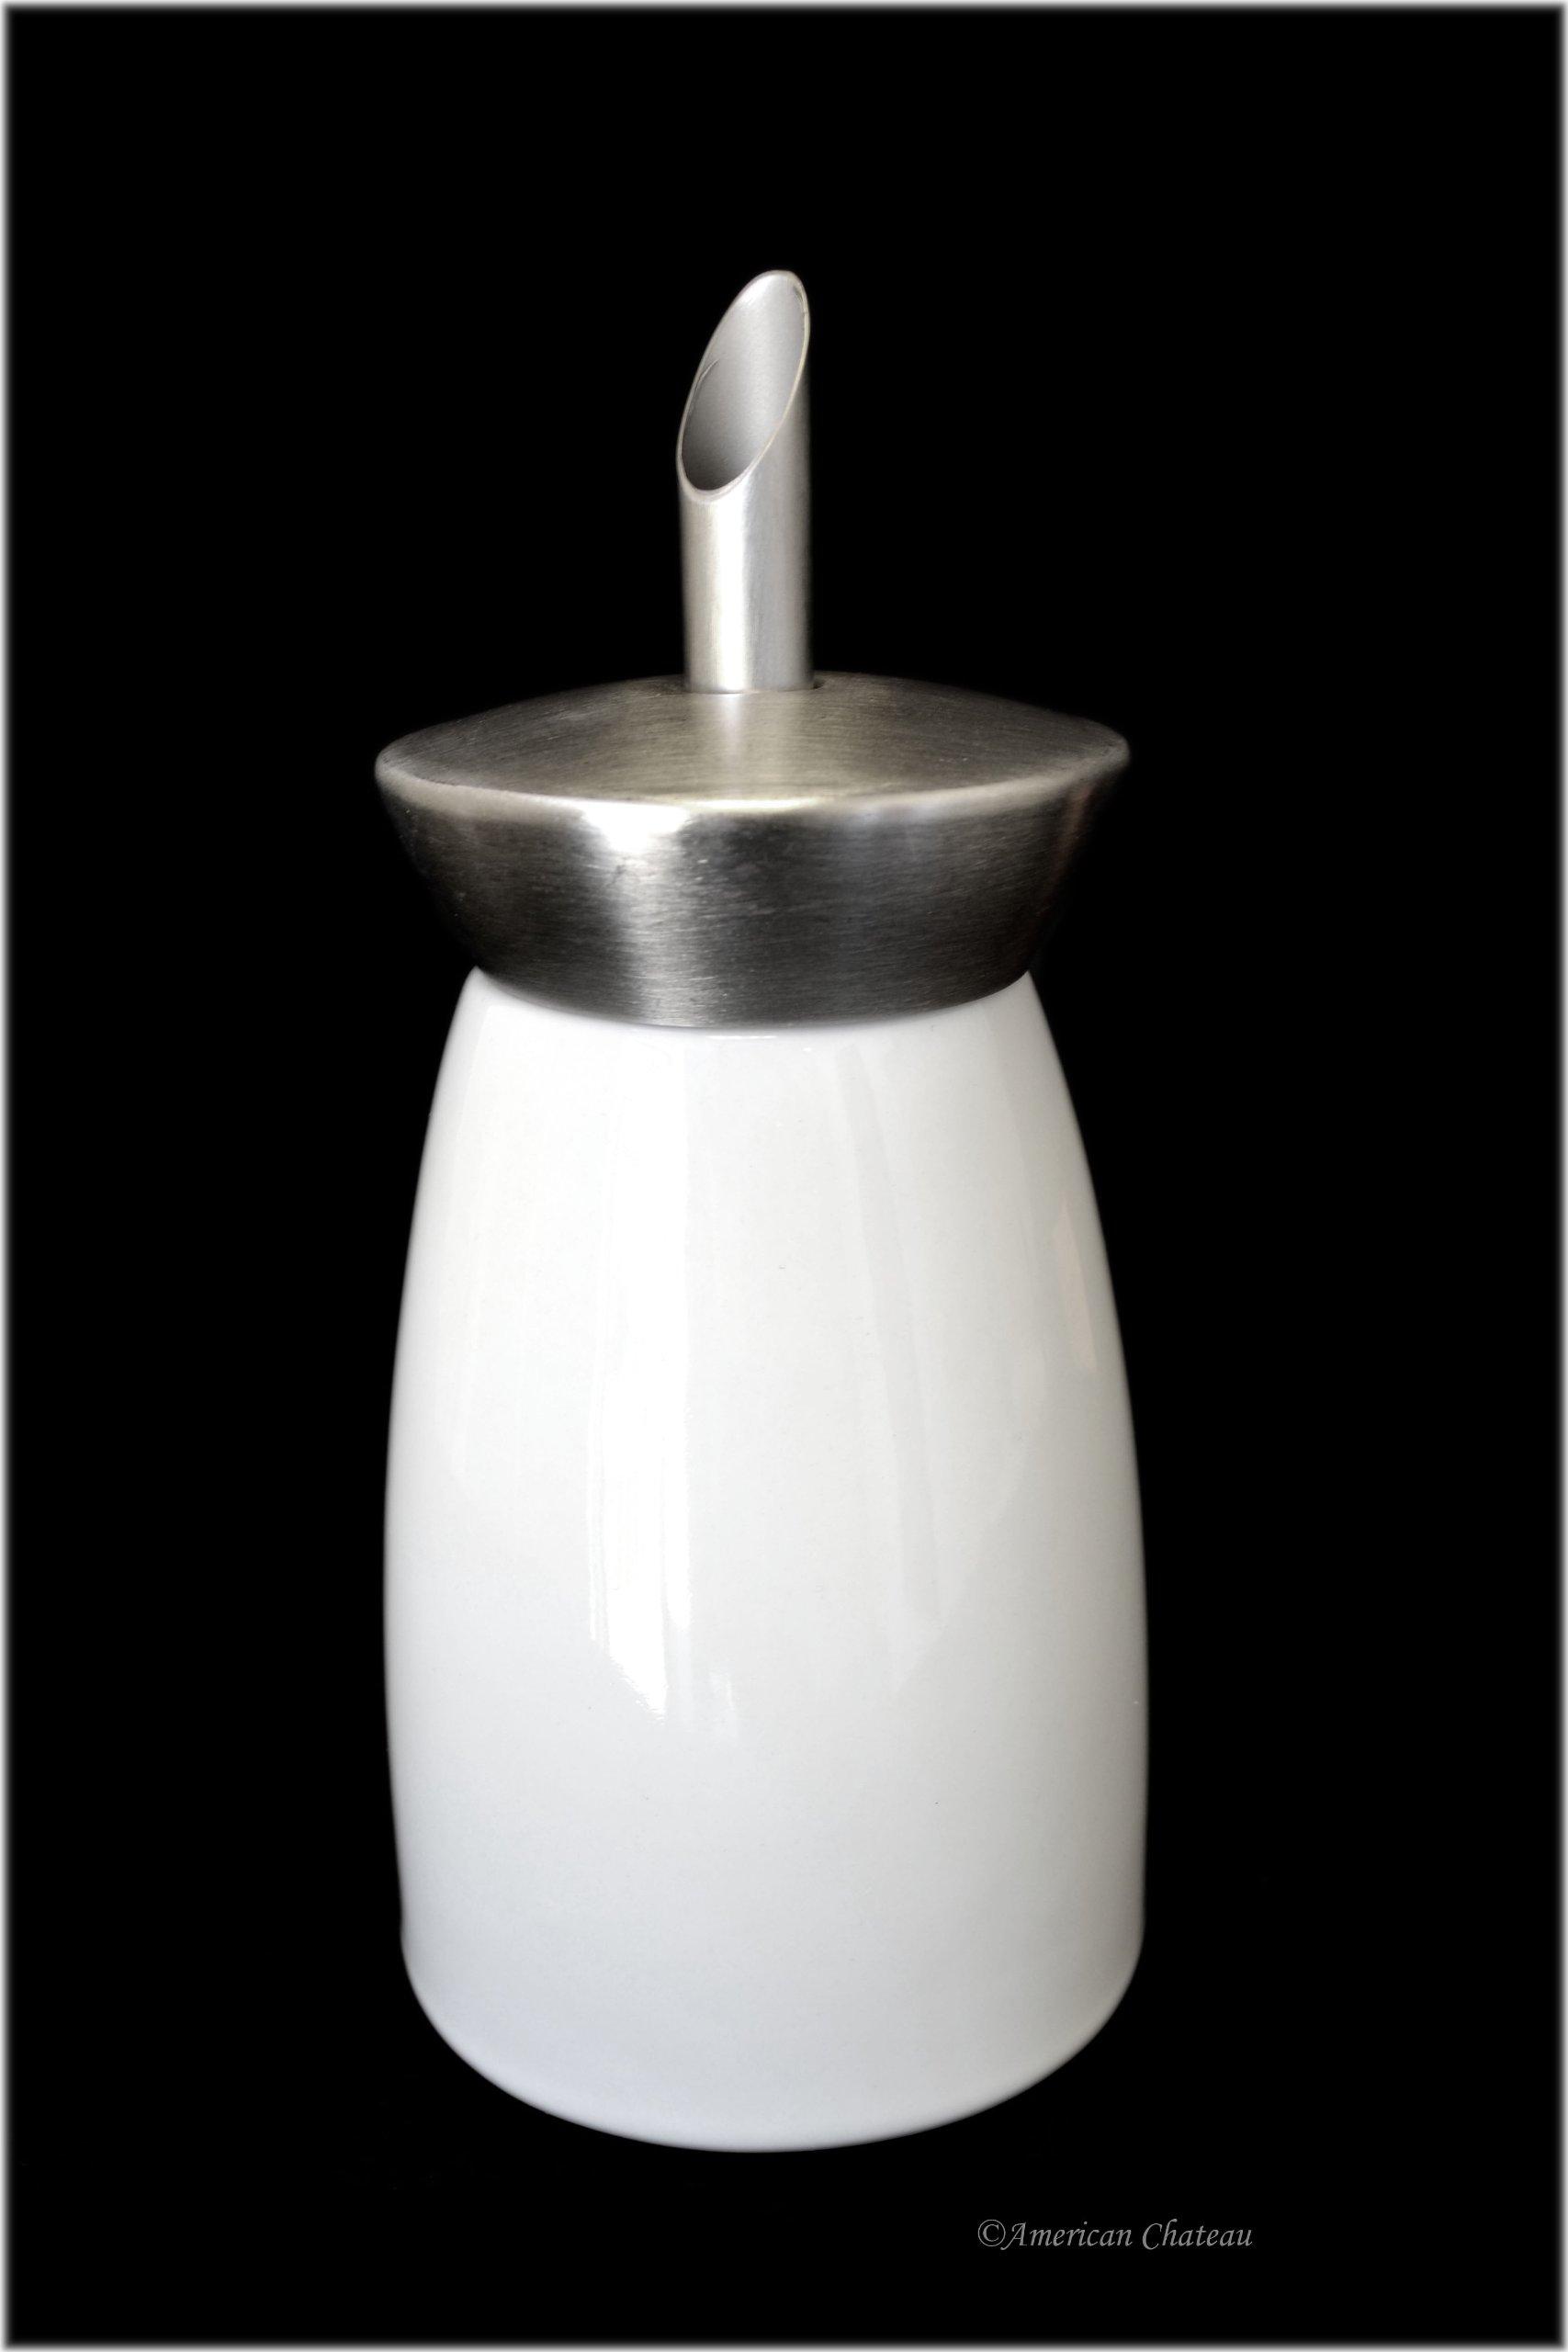 Bistro-Style Shaker White Porcelain & Stainless Steel Sugar Dispenser (1 Tsp)